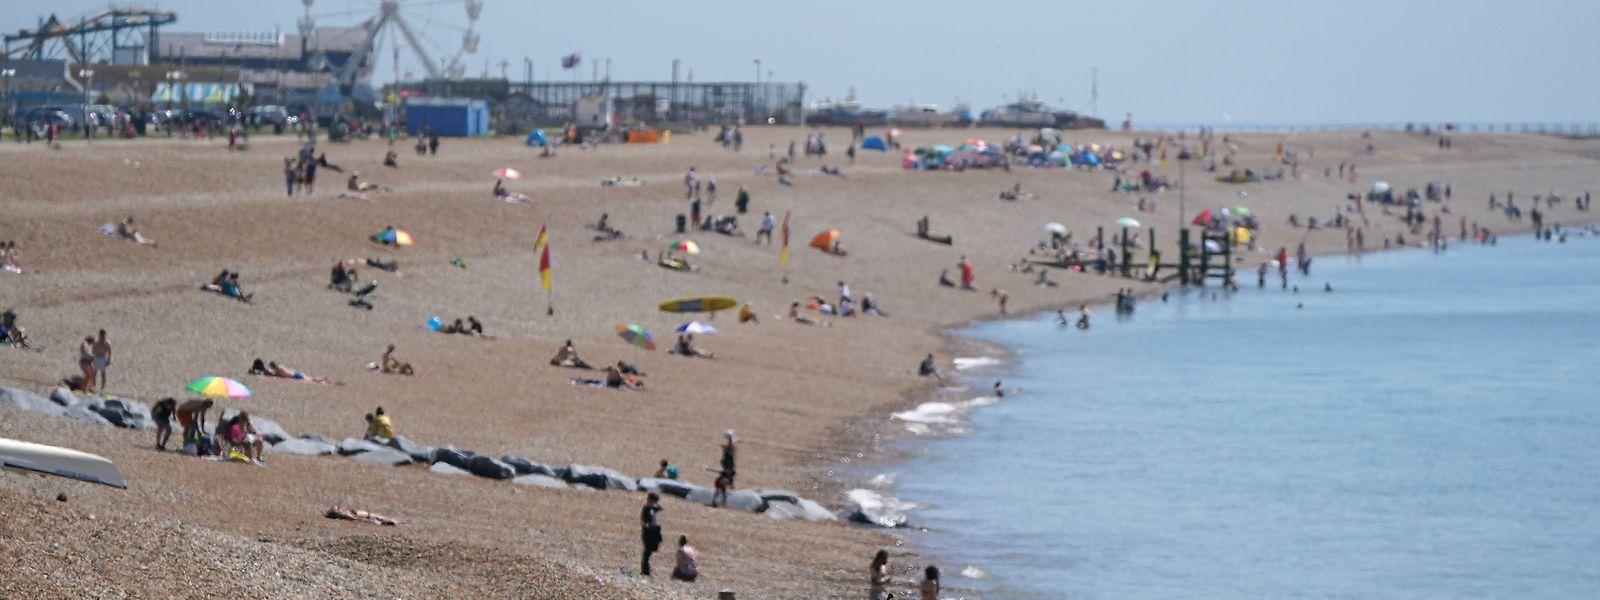 """Einige Menschen genießen am Strand von Hastings die Sonne und das warme Wetter. Der """"Tag der Freitheit"""" könnte um vier Wochen nach hinten verlegt werden."""